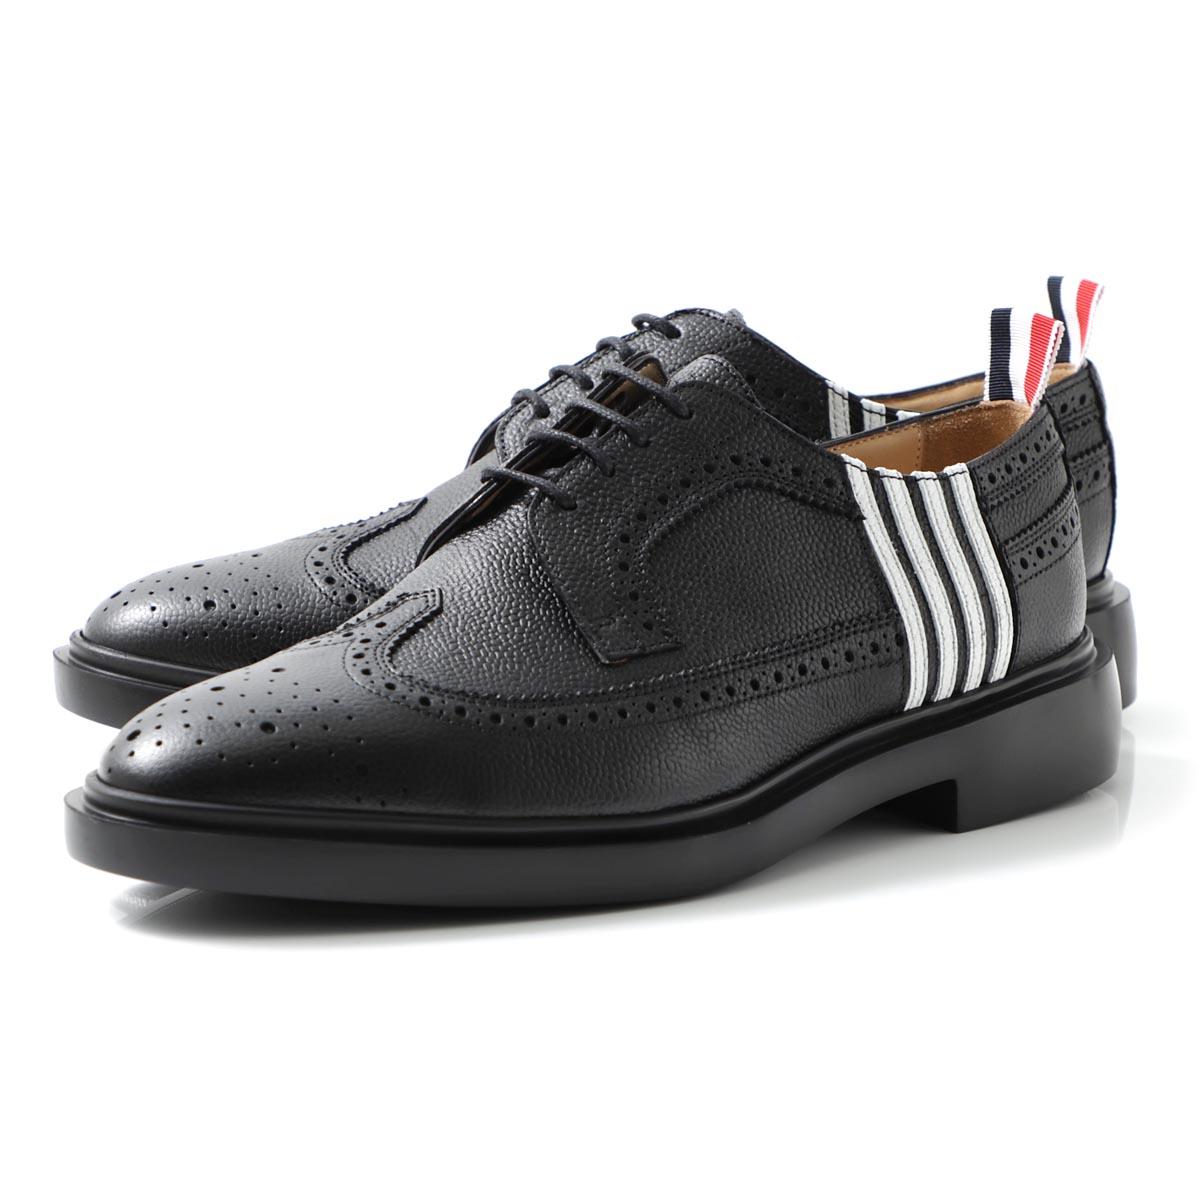 メンズ靴, その他  THOM BROWNE. mfd006a 00198 001 LONGWING BROGUE W APPLIQUE 4-BAR